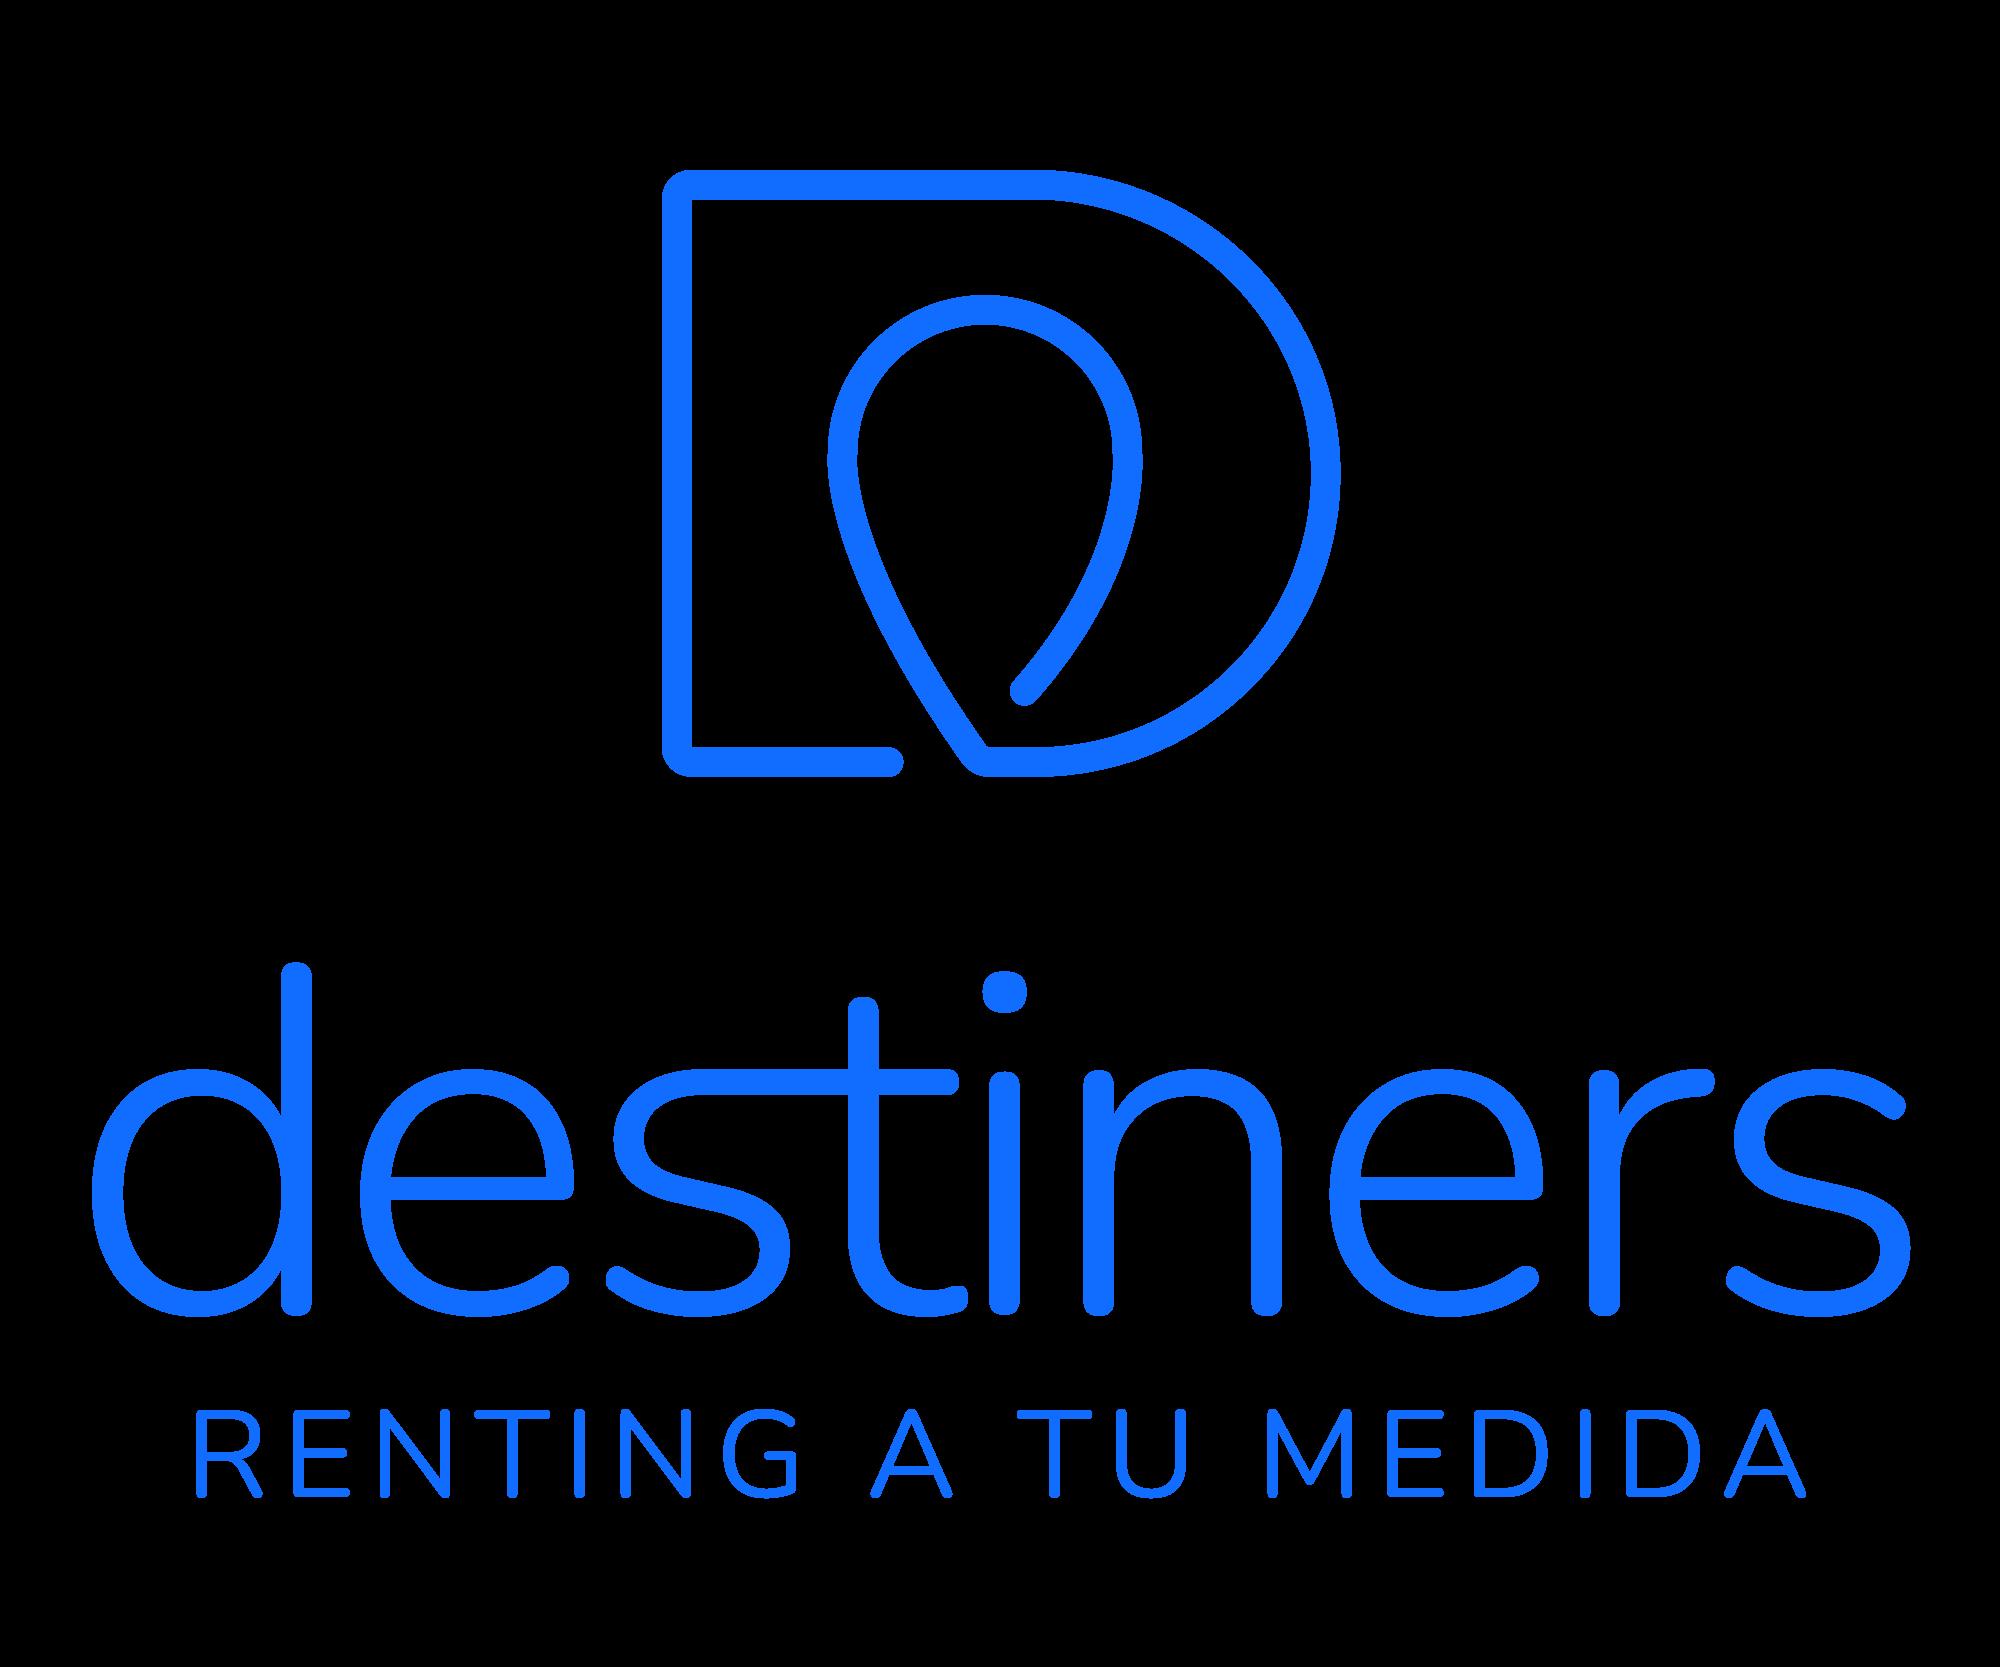 Destiners, primera compañía de renting en asociarse a AMETIC